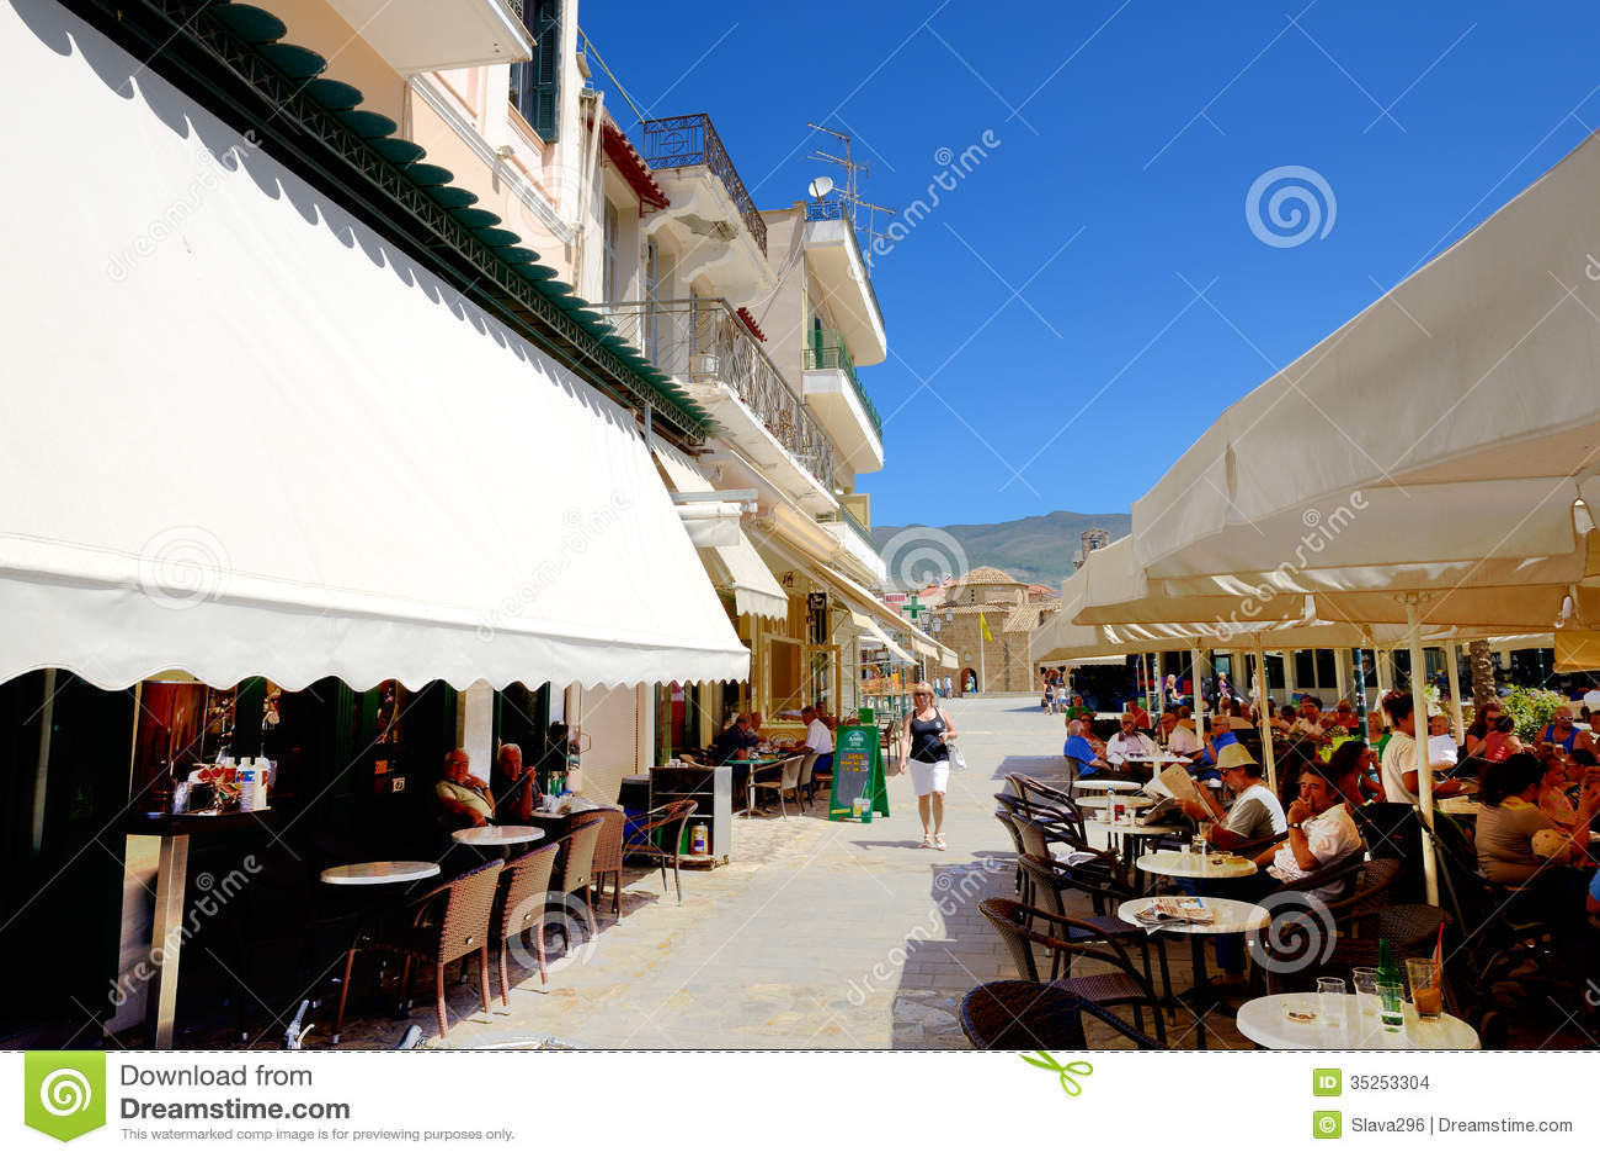 Kalamata greece City KALAMATA GREECE JUNE The